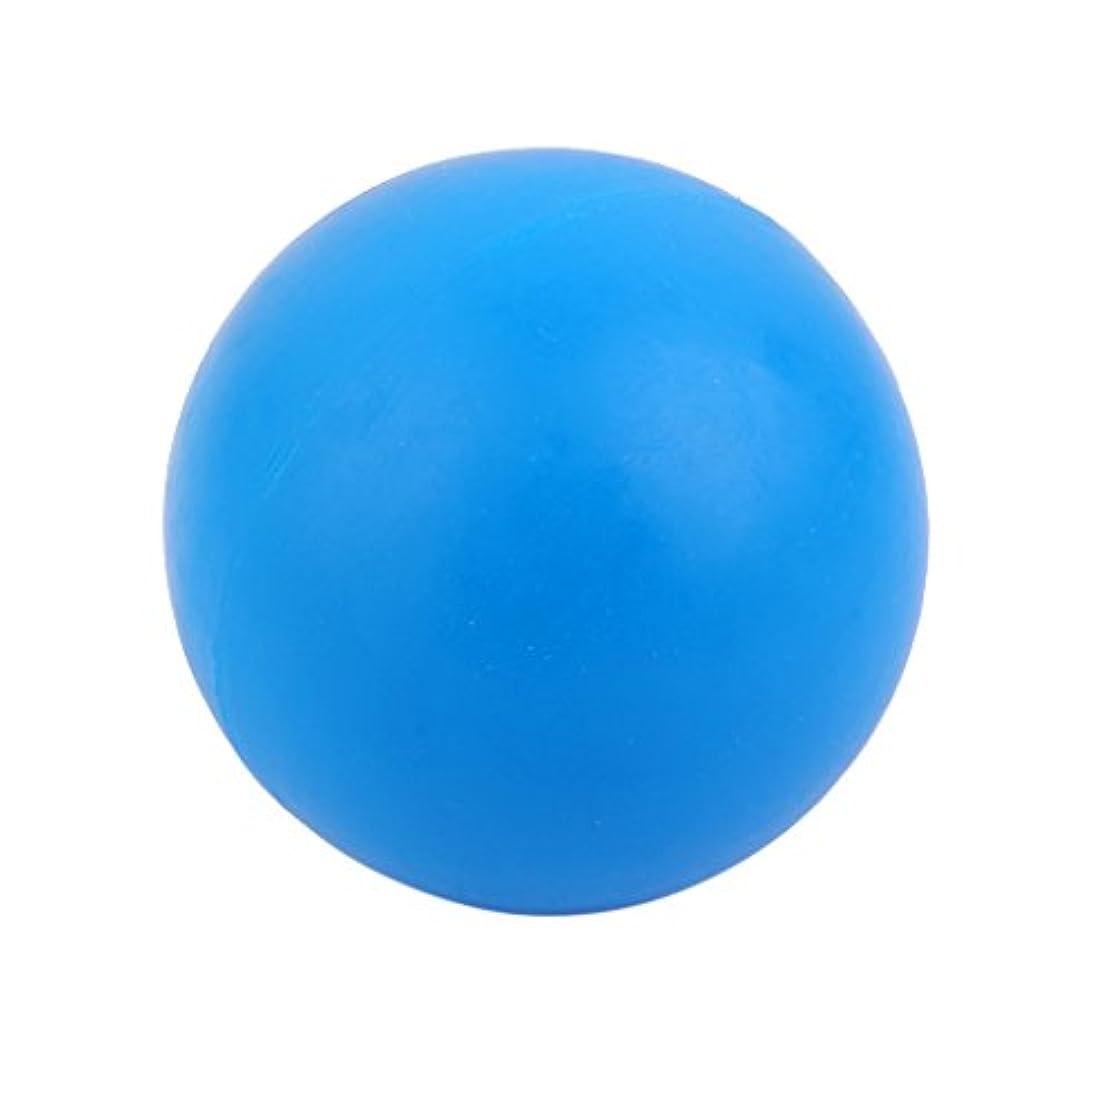 構築する素朴な皿CUTICATE マッサージボール 反応ボール トレーニングボール